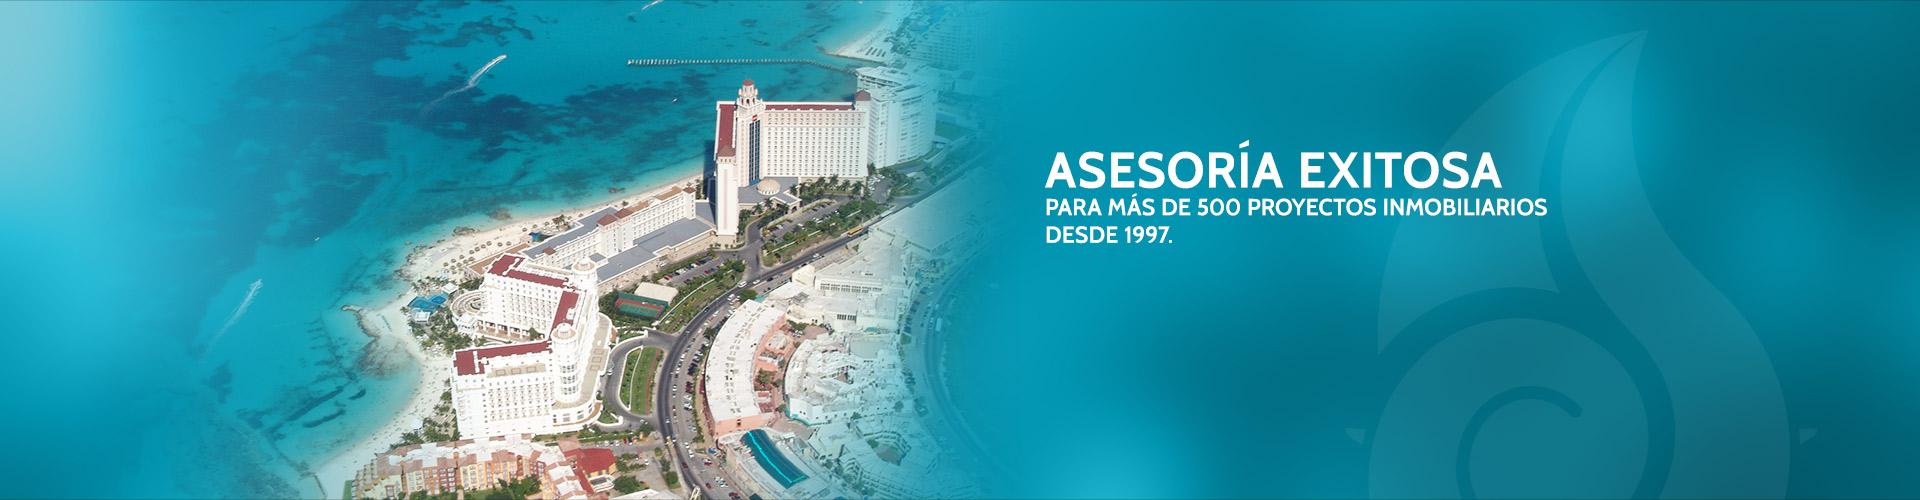 Asesoría exitosa más de 500 proyectos desde 1970.